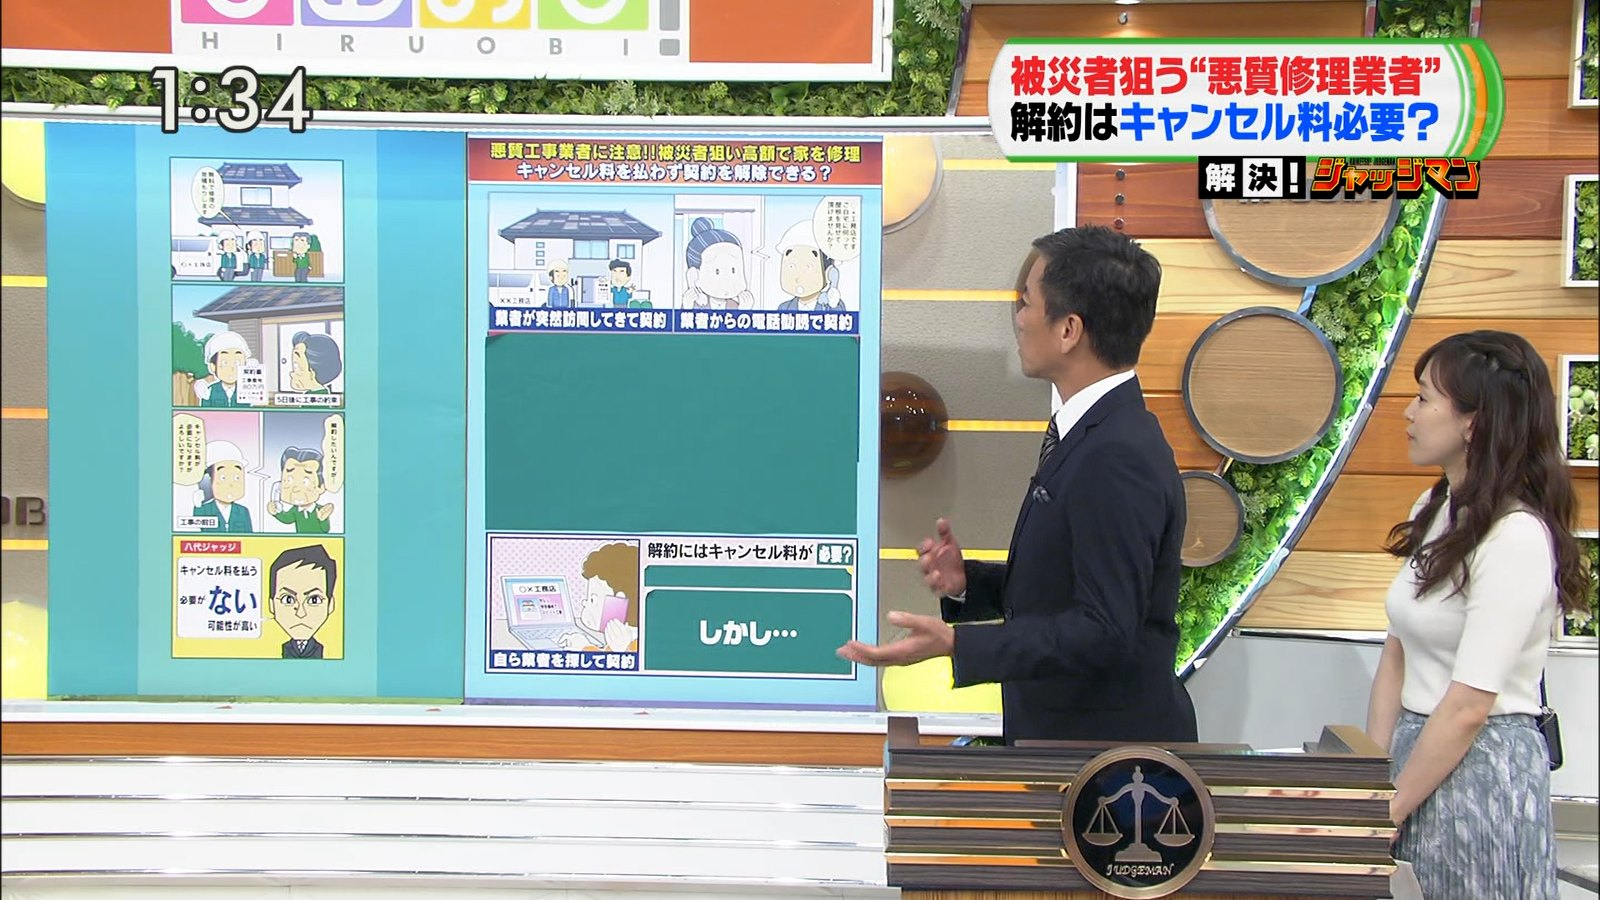 2019年9月19日に放送された「ひるおび!」に出演した女性アナウンサー・江藤愛さんのテレビキャプチャー画像-030